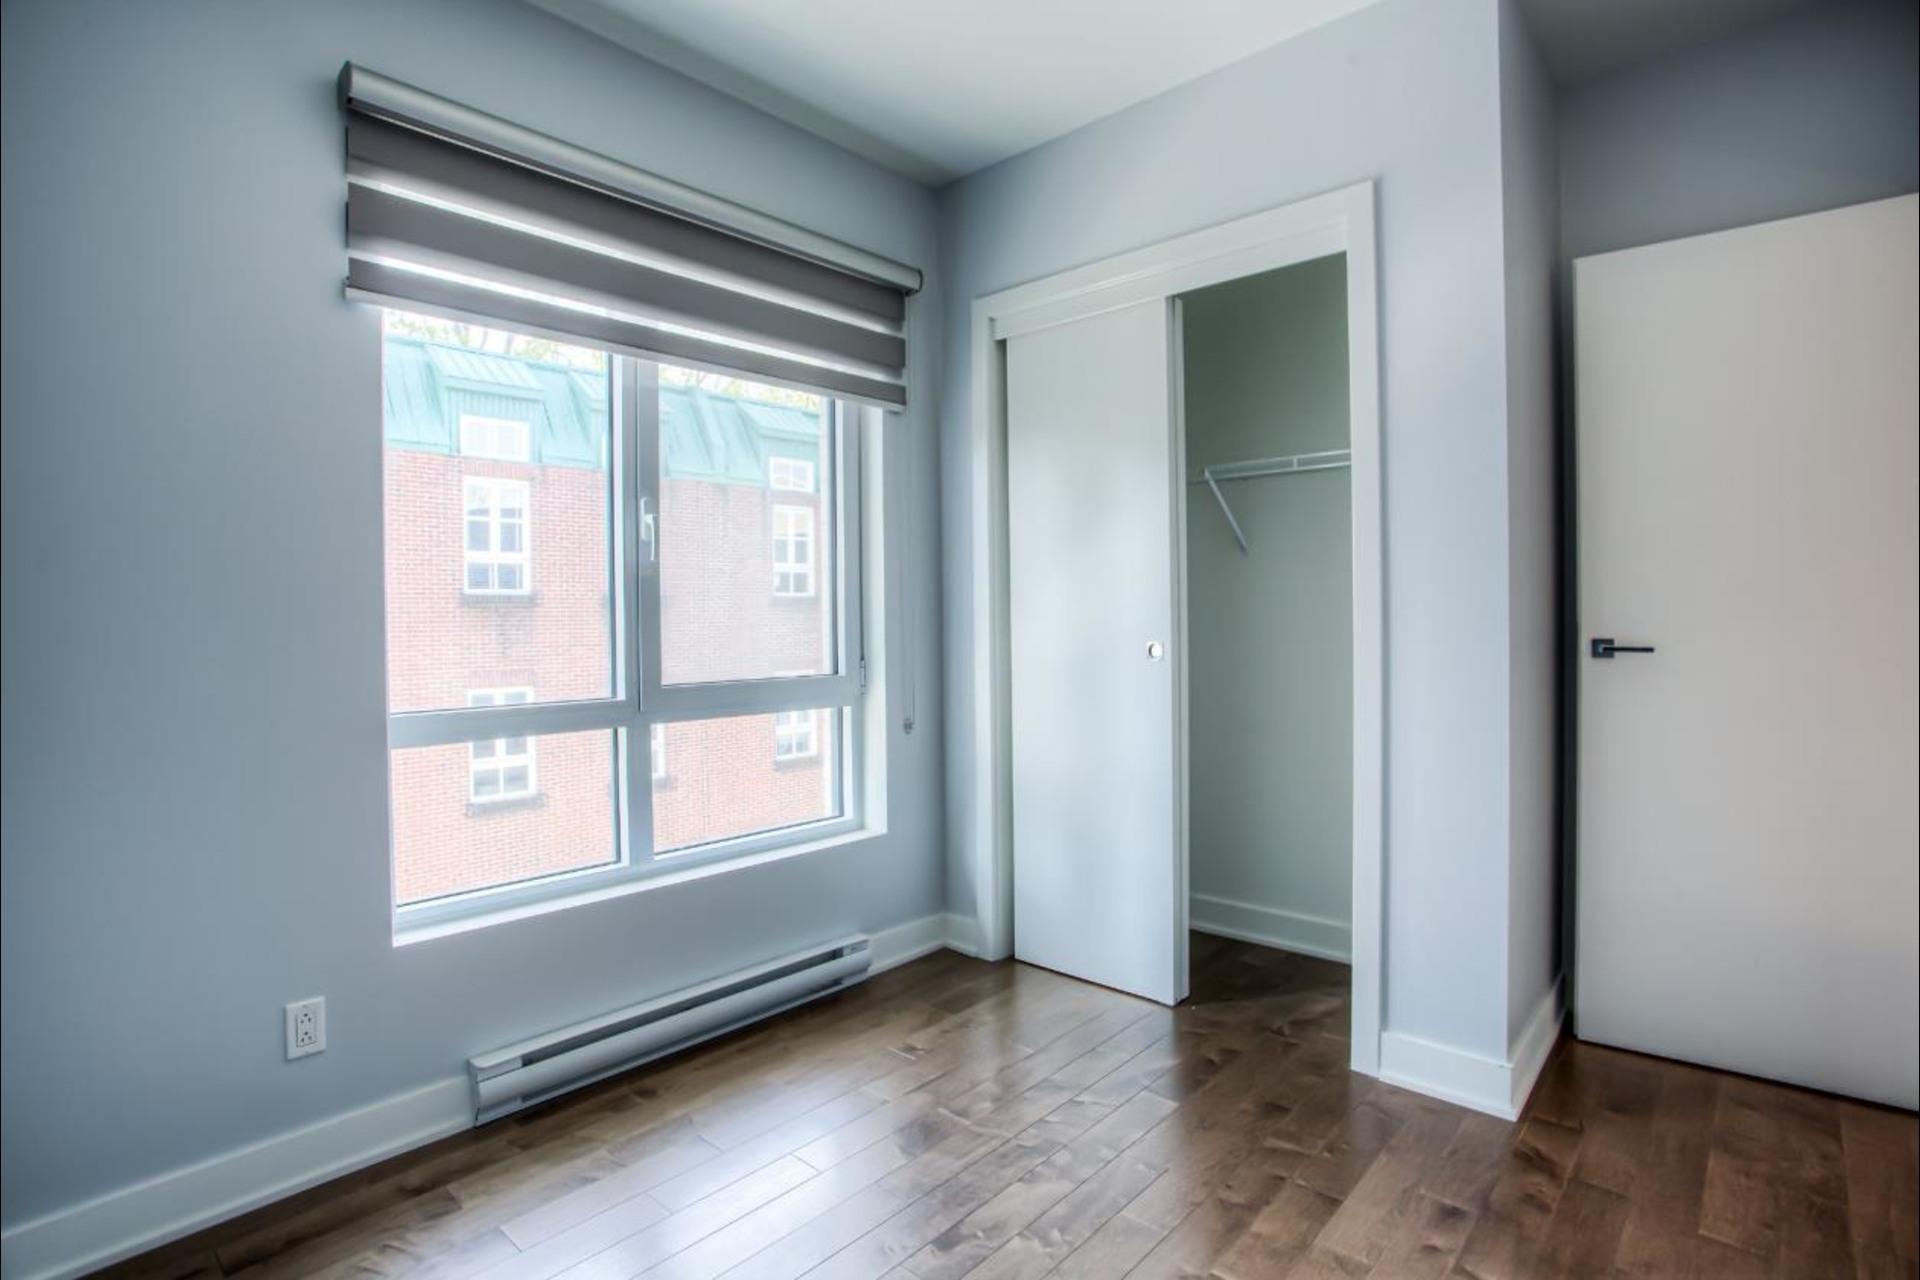 image 10 - Condo For rent Montréal - 6 rooms